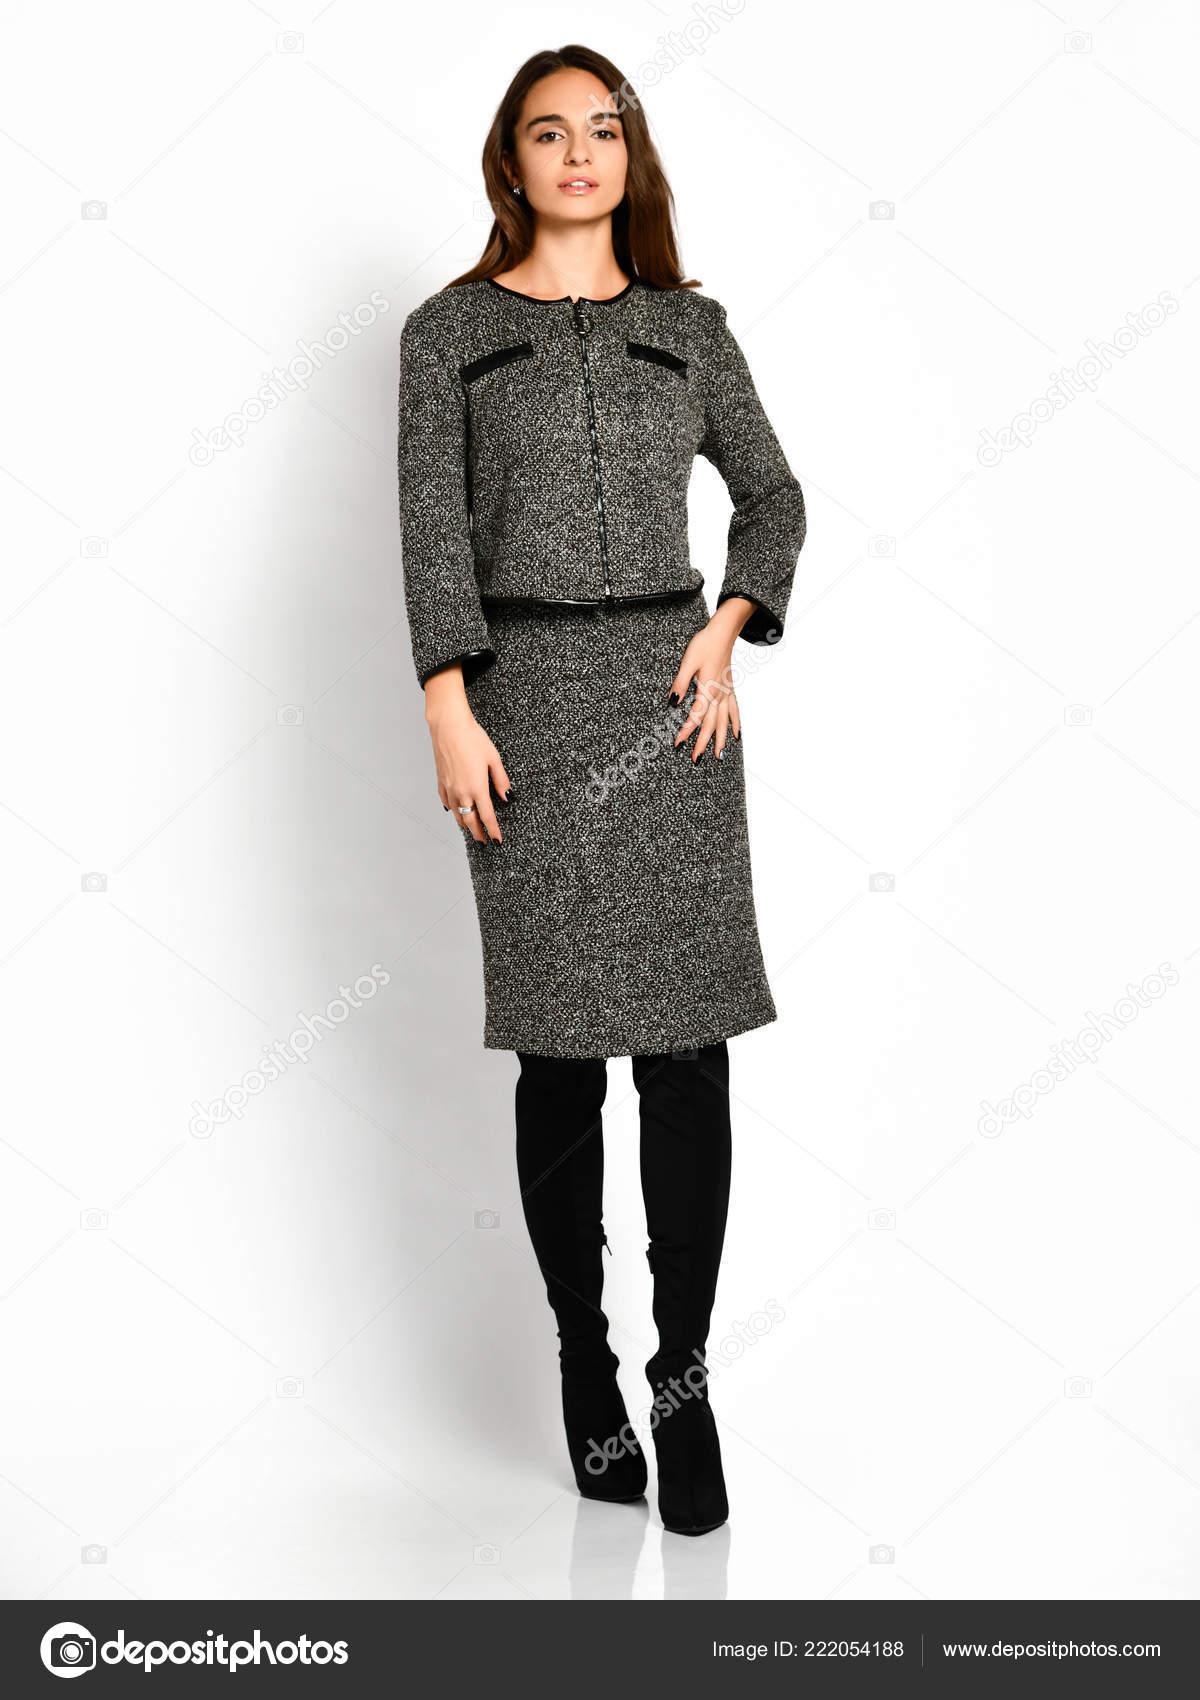 337bc26302c3 Joven hermosa mujer posando en vestido de invierno moda gris nuevo ...